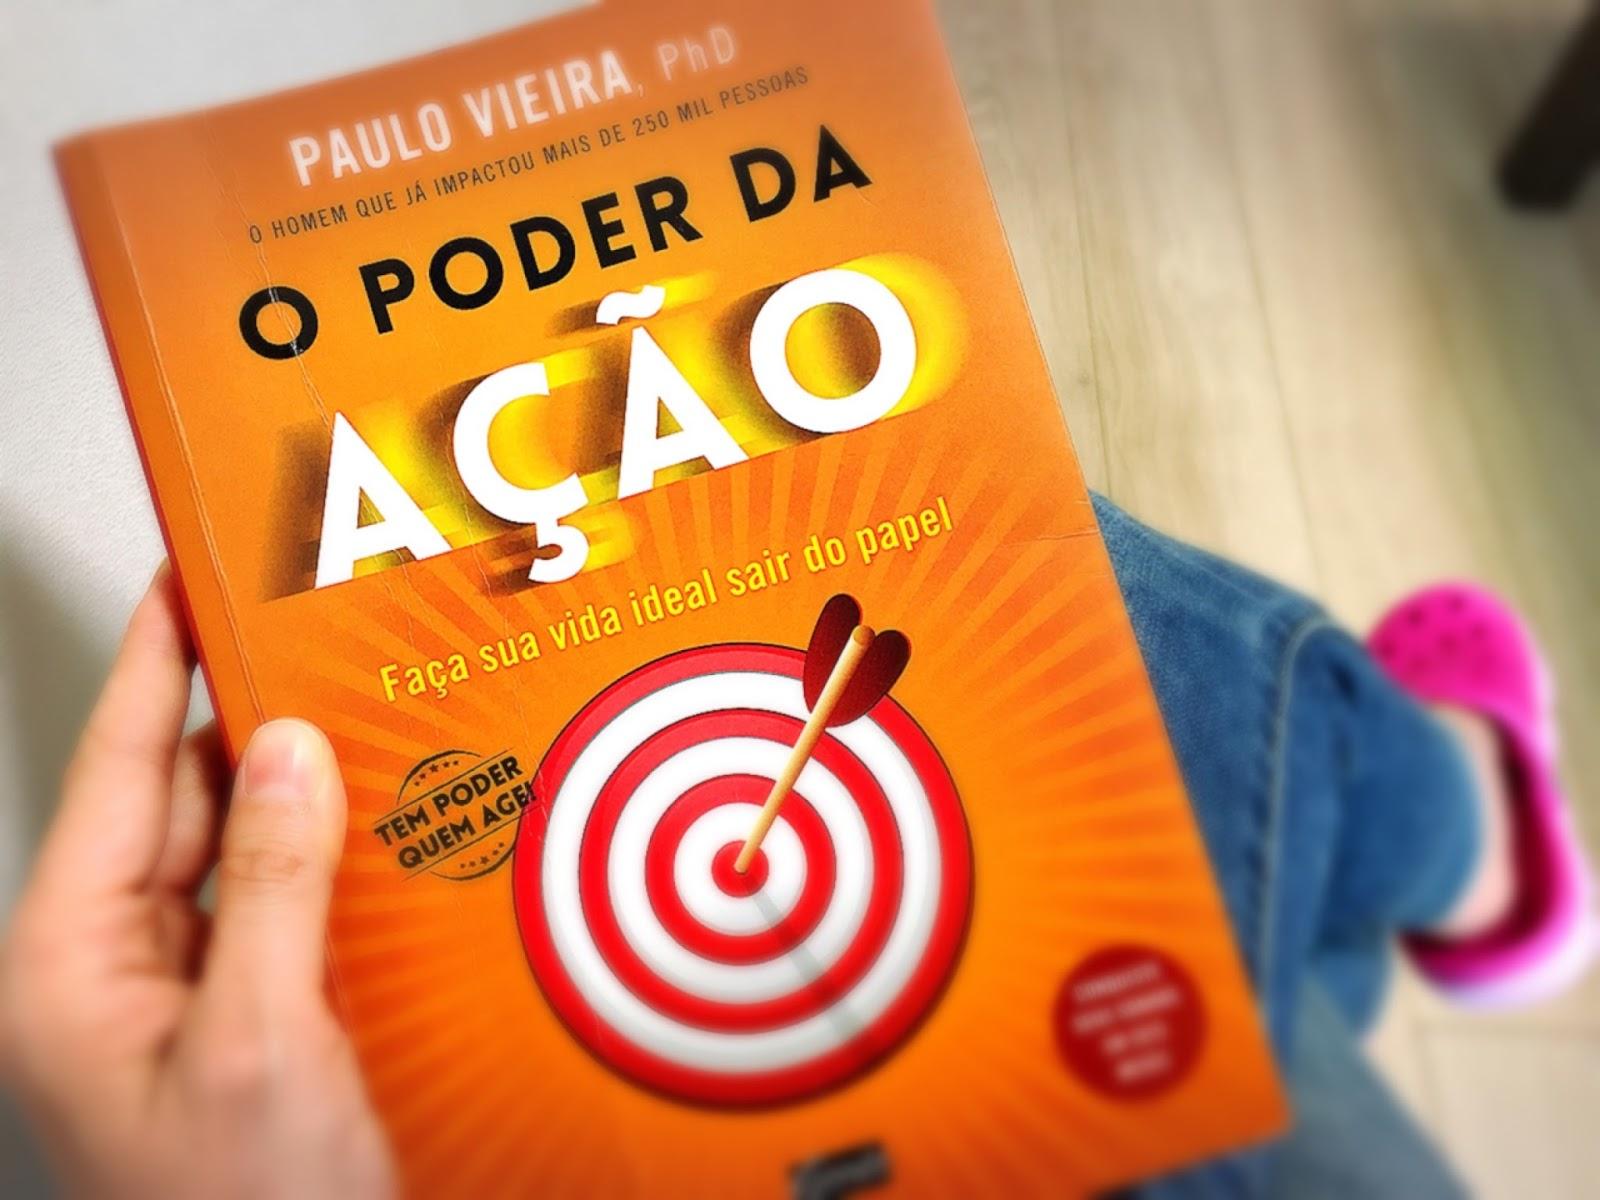 Livro O Poder da Ação (DOWNLOAD GRÁTIS - PDF) de Paulo Vieira